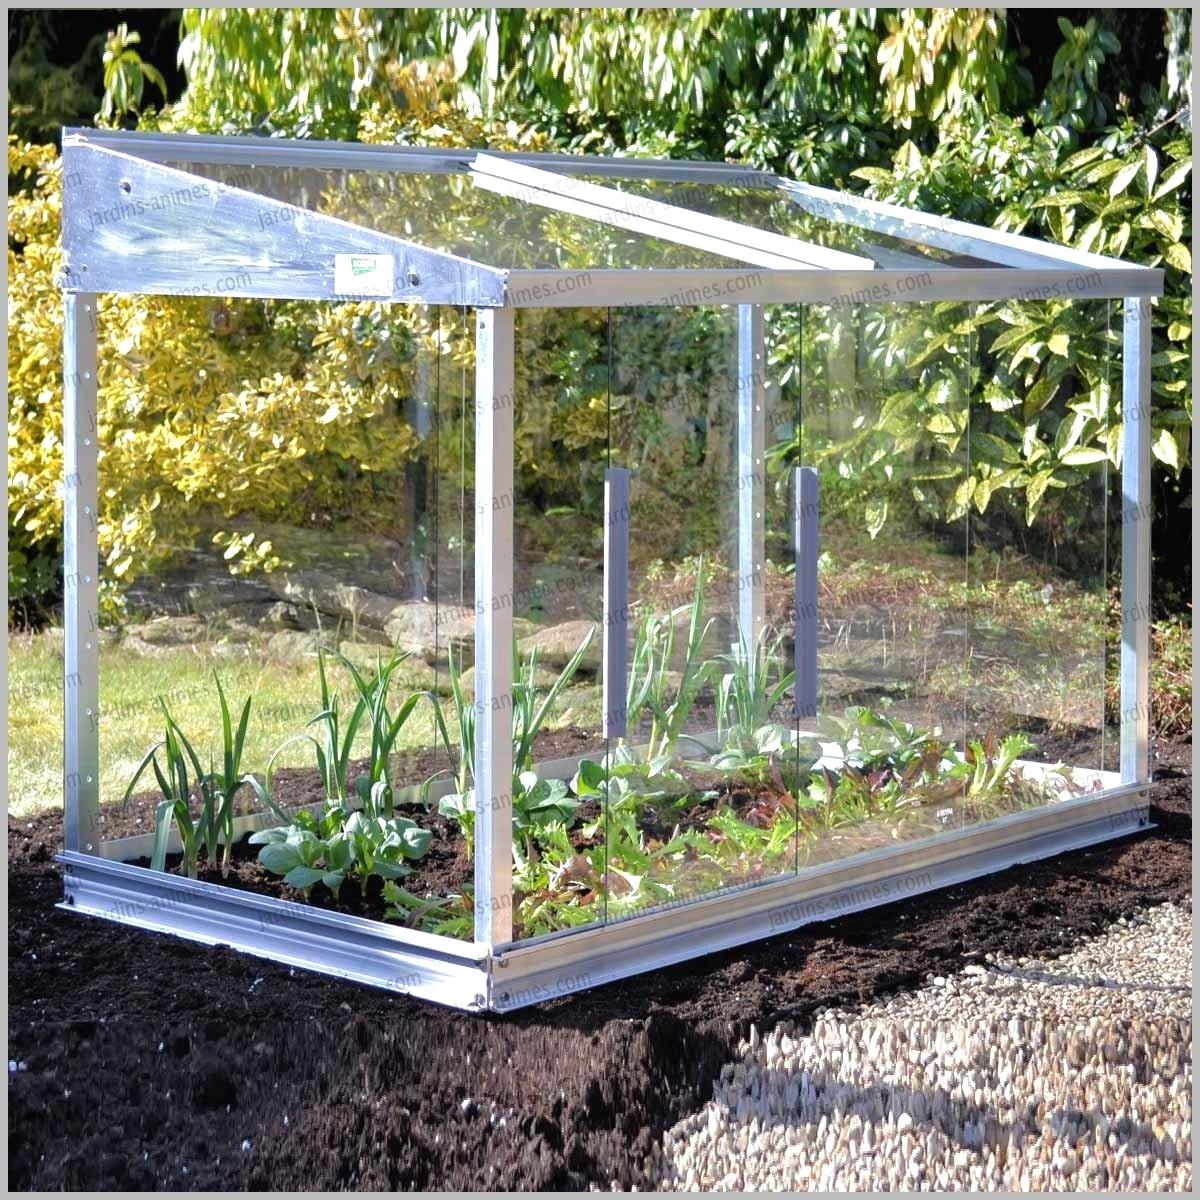 80 Serre De Jardin Castorama Inspiration De Dcor Con Serapportanta Arceau De Jardin Castorama Agencecormierdelauniere Com